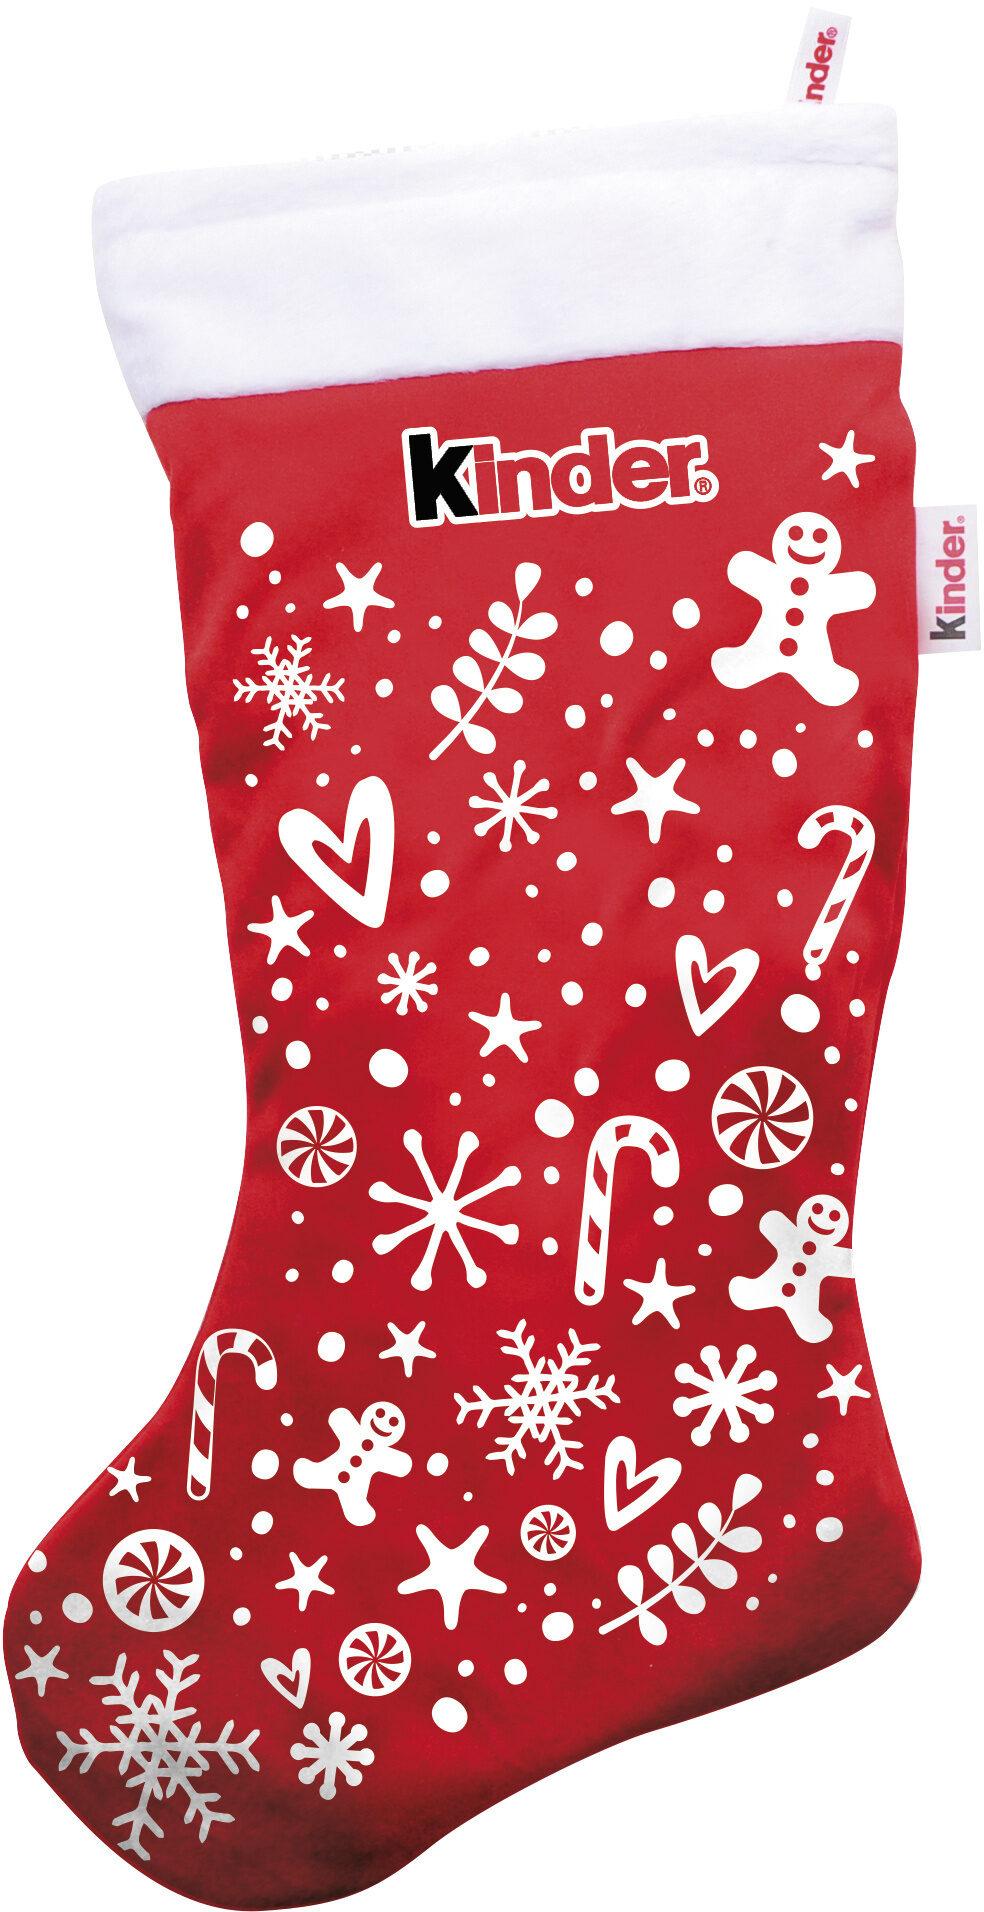 Kinder chaussette - Produit - fr